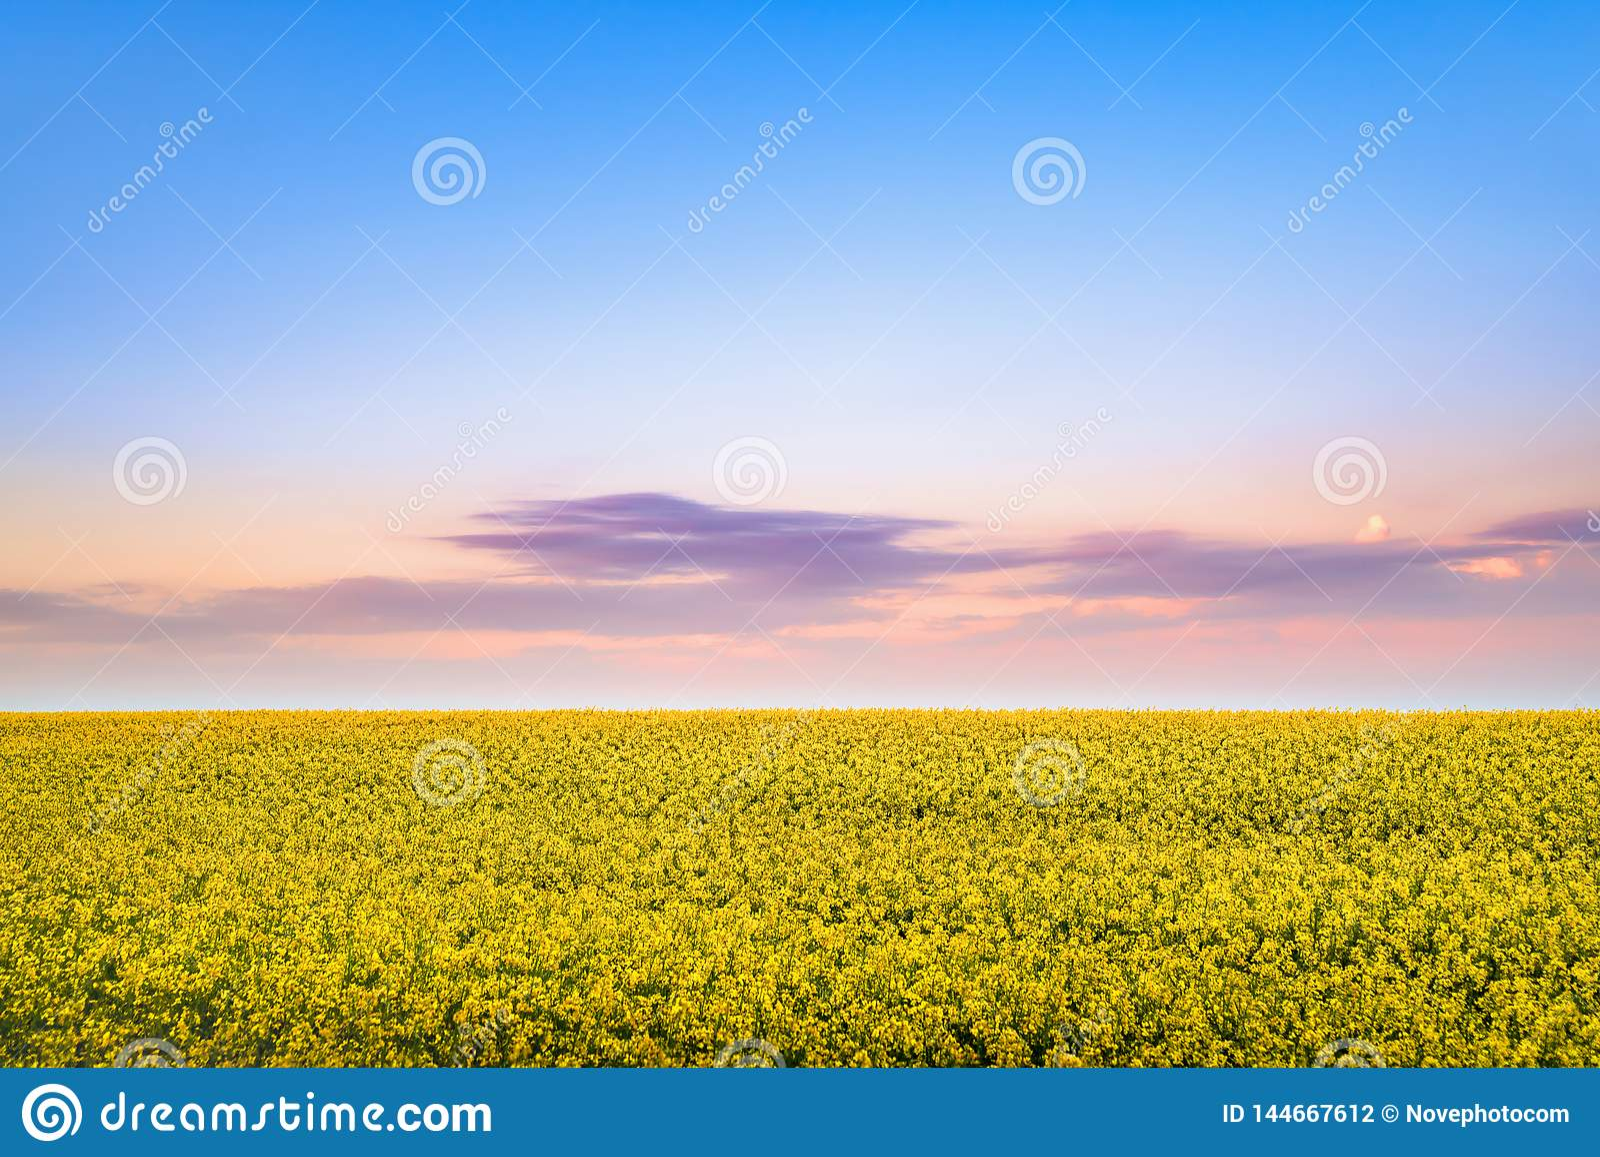 Flor da colza na primavera no por do sol